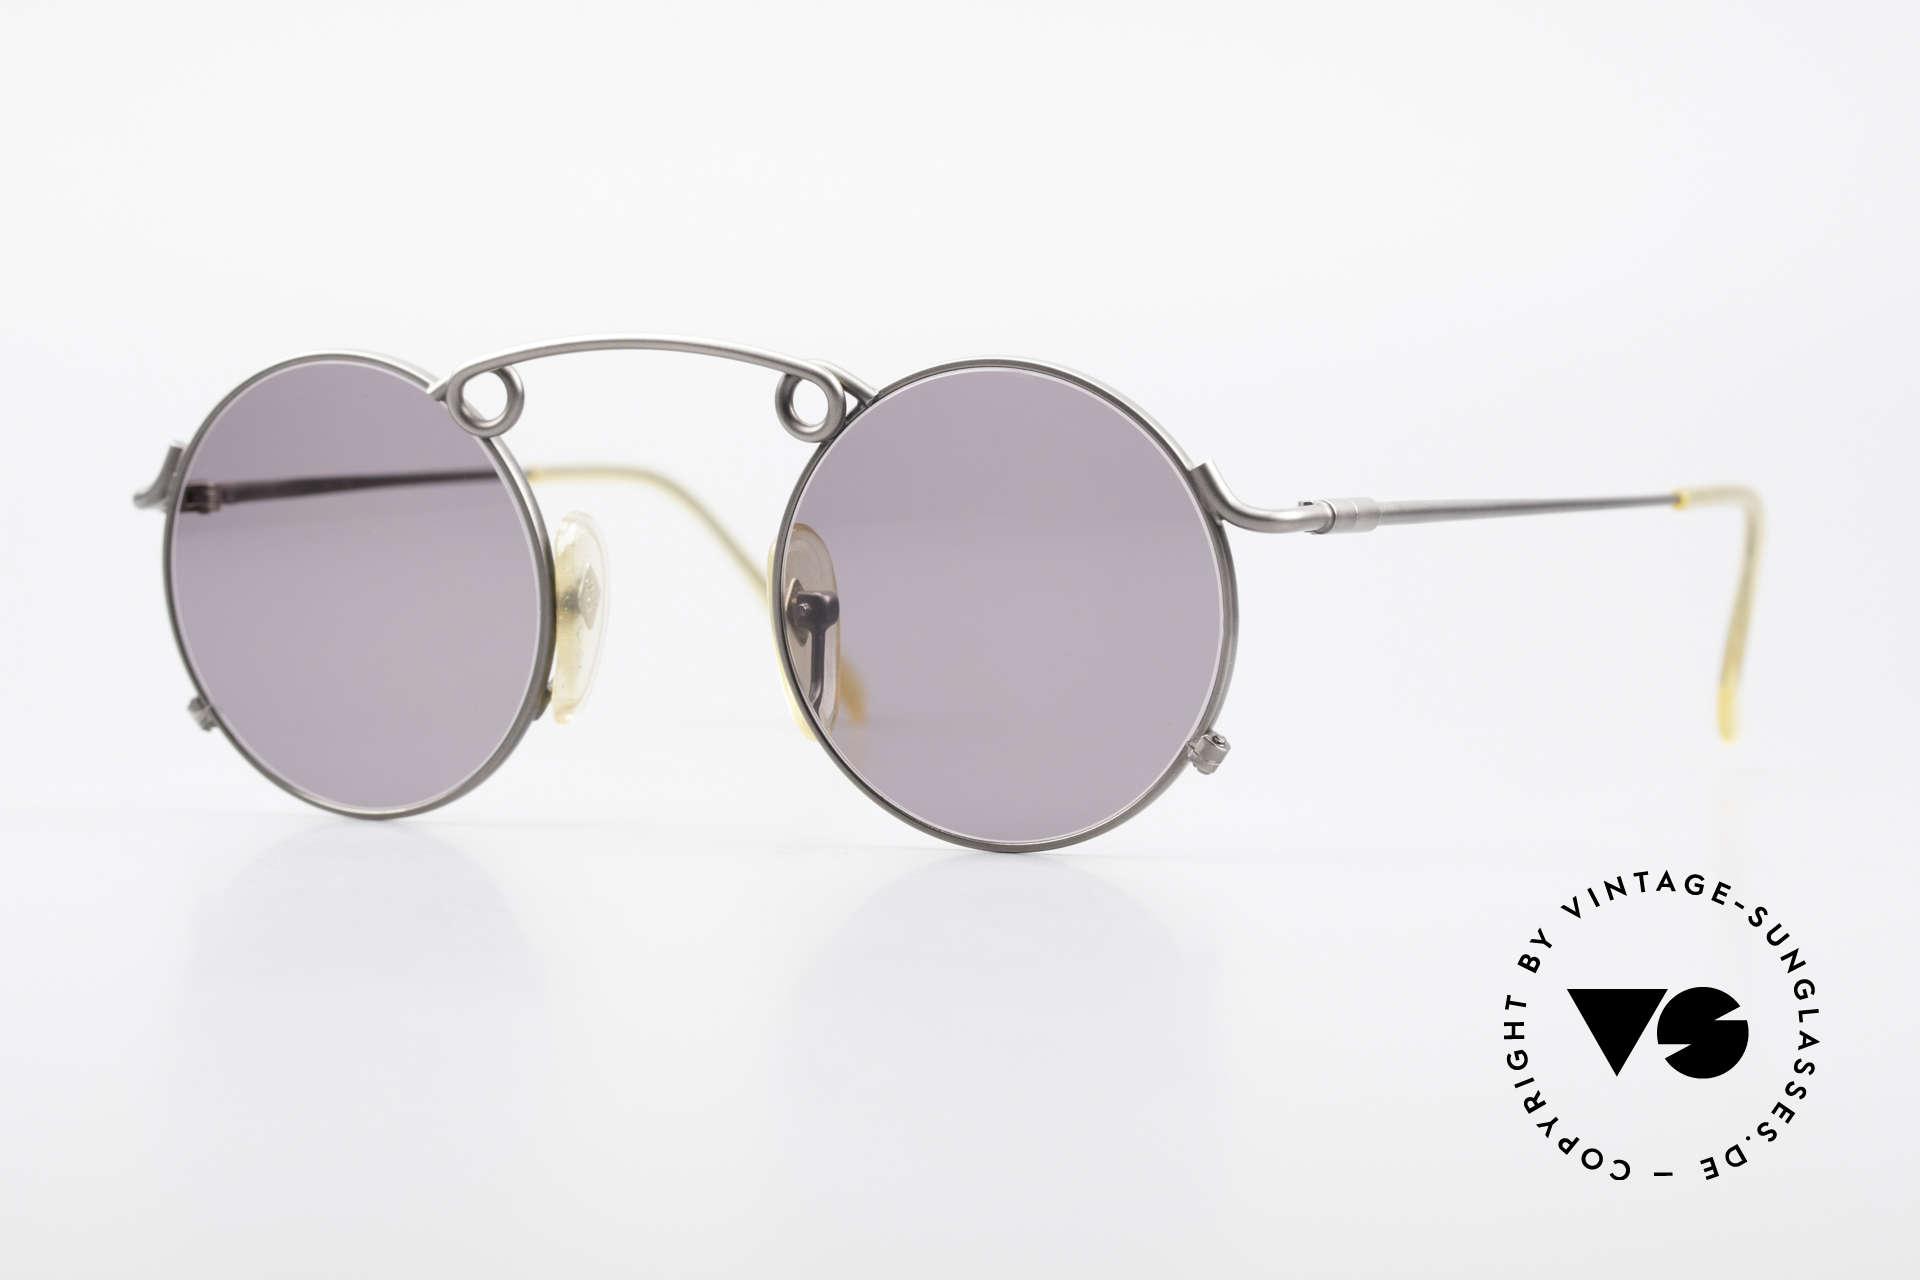 Jean Paul Gaultier 56-1178 Kunstvolle Panto Sonnenbrille, kunstvolle 'Panto-Stil' Brille von Jean Paul Gaultier, Passend für Herren und Damen